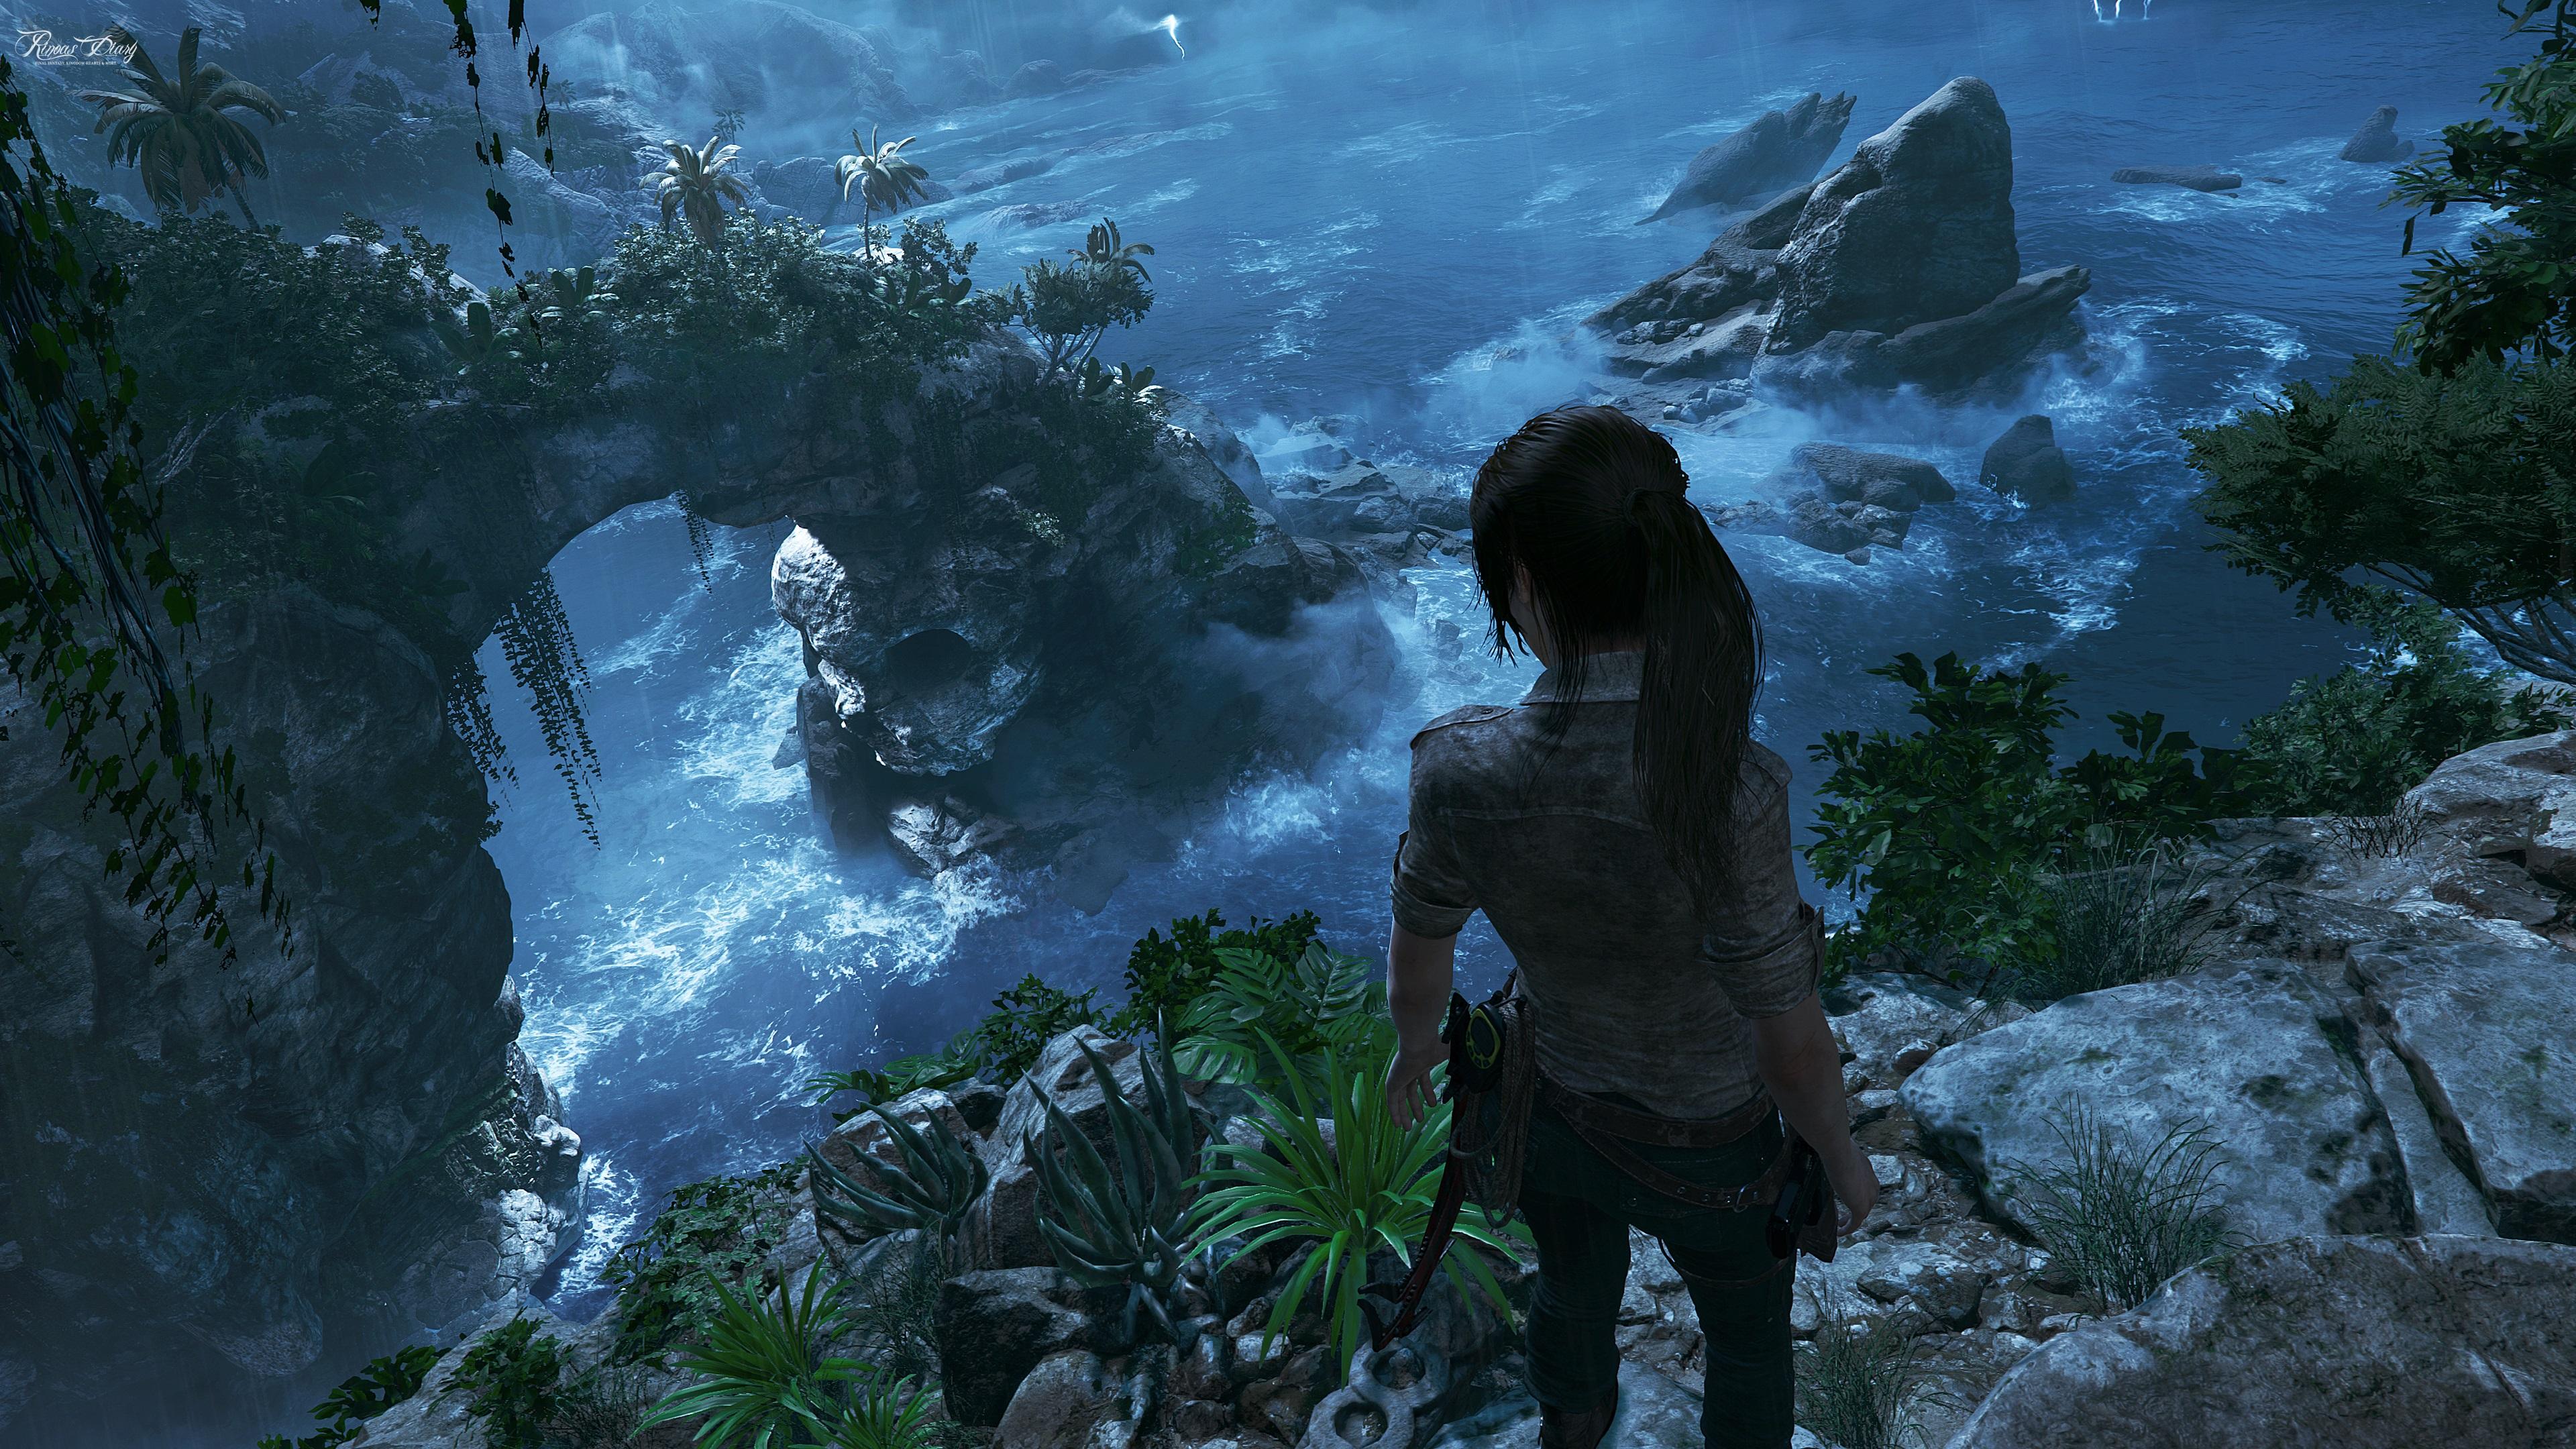 La versione PC di Shadow of the Tomb Raider userà le tecnologie Nvidia!